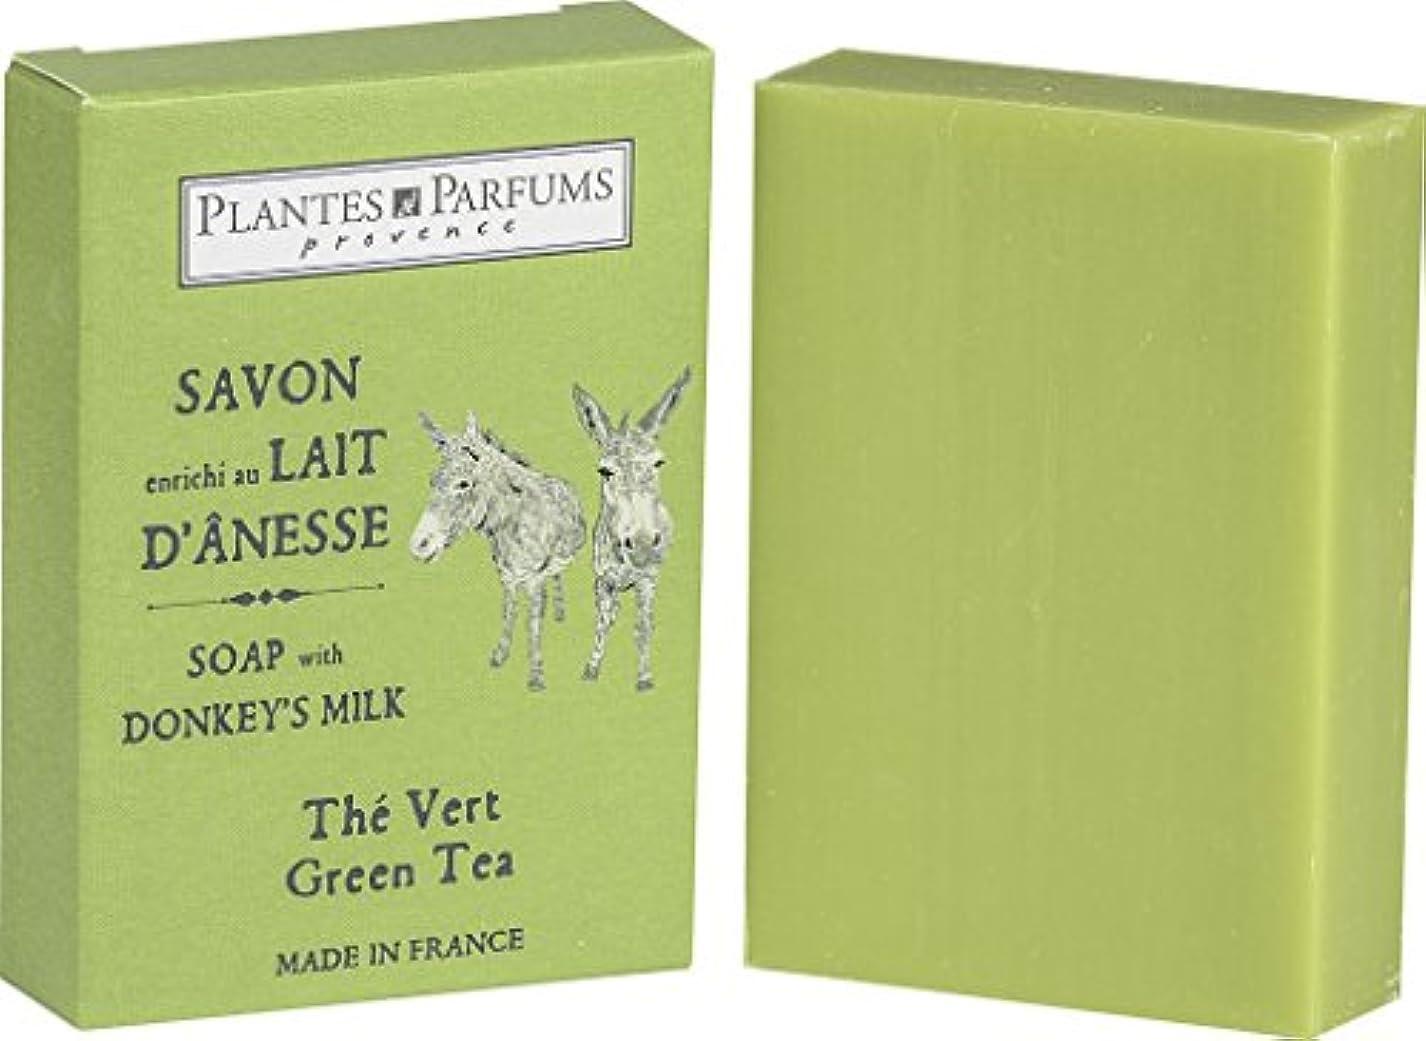 メタリック保全の慈悲でPlantes&Parfums [プランツ&パルファム] ロバミルクソープ100g グリーンティ